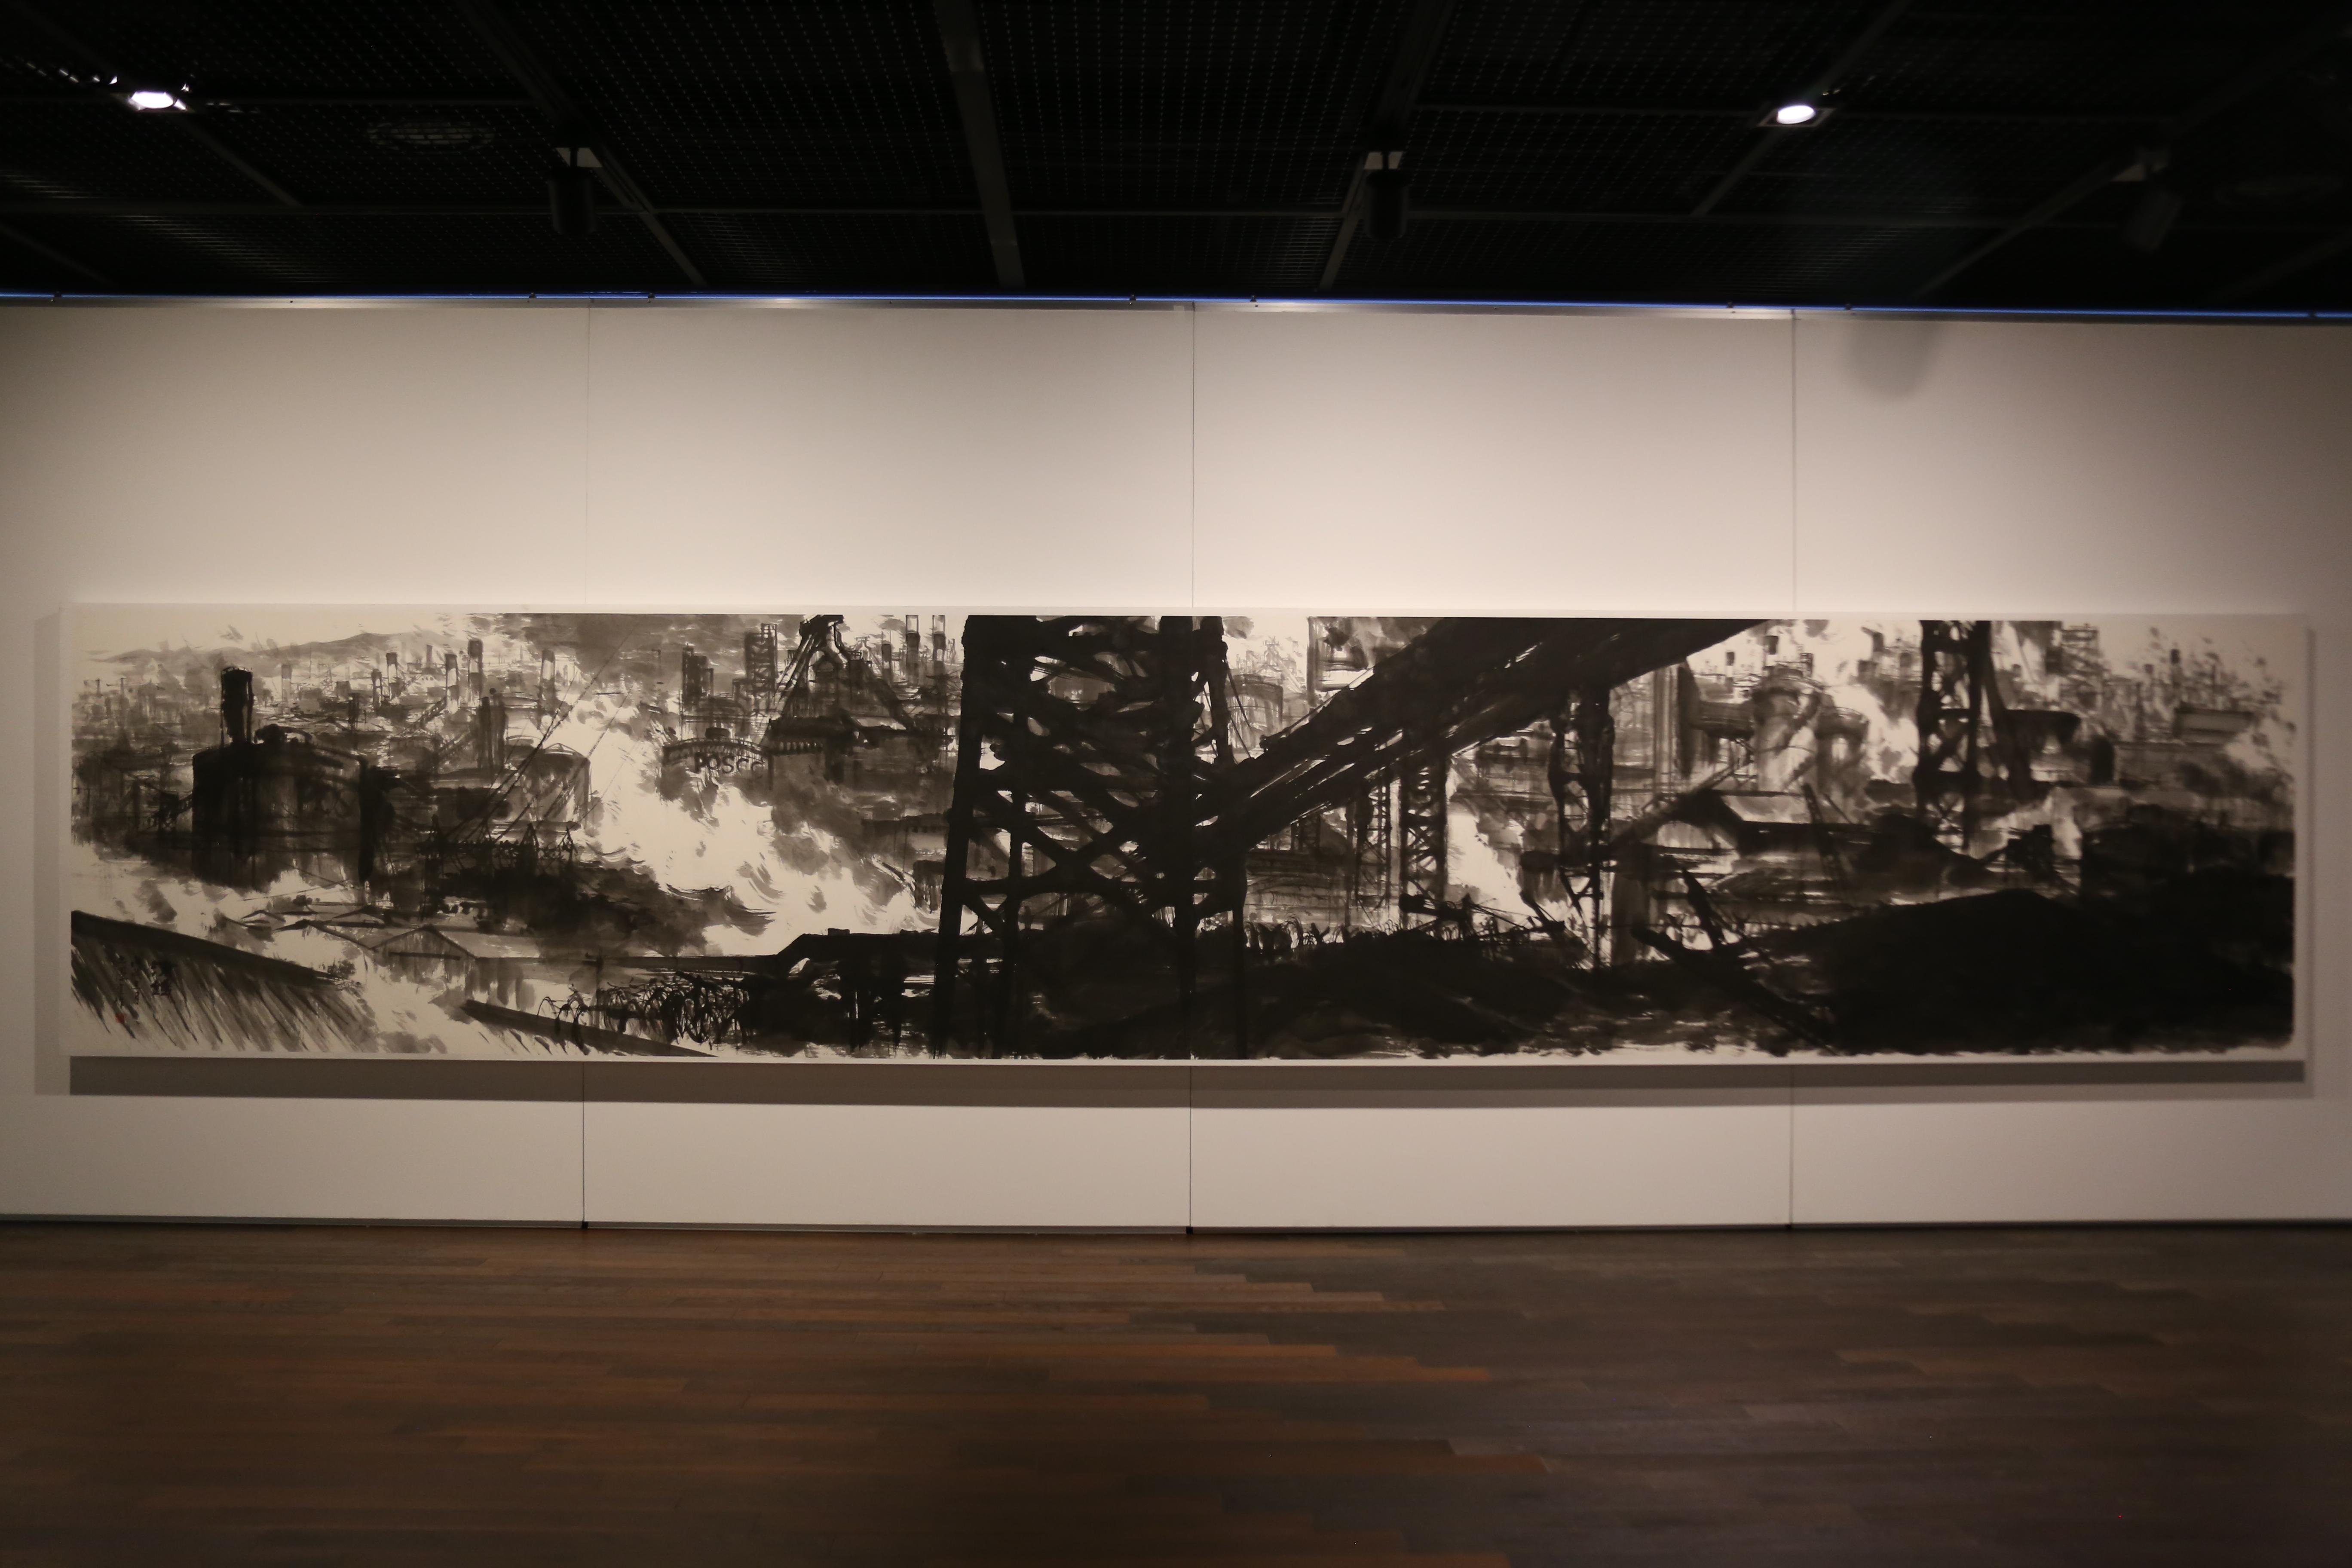 포스코미술관에서 철을 소재로 하는 '제철비경-위대한 순간의 기록' 전시가 시작된 모습